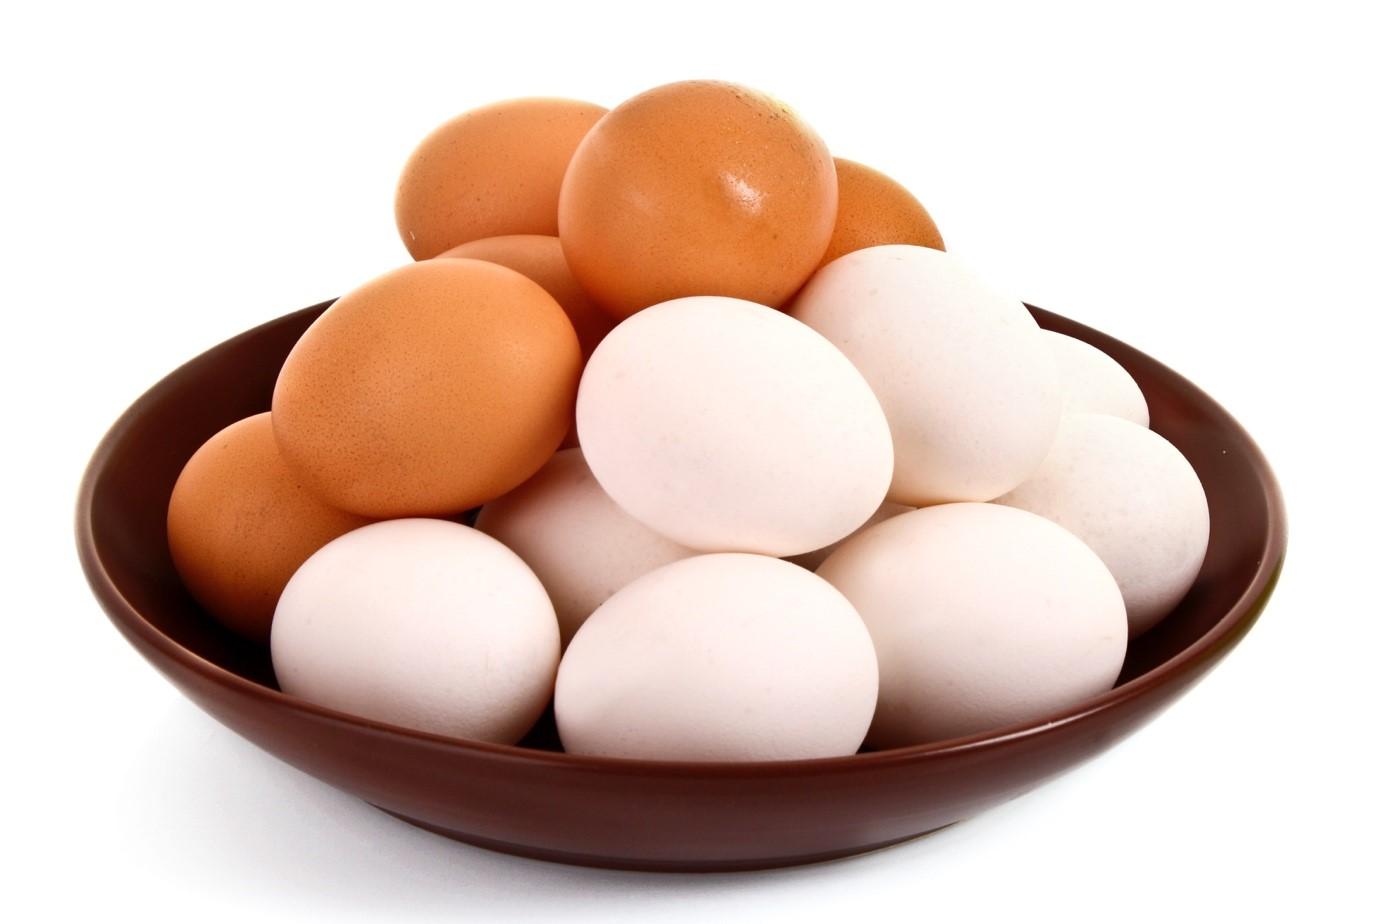 Lựa chọn trứng đã qua kiểm định